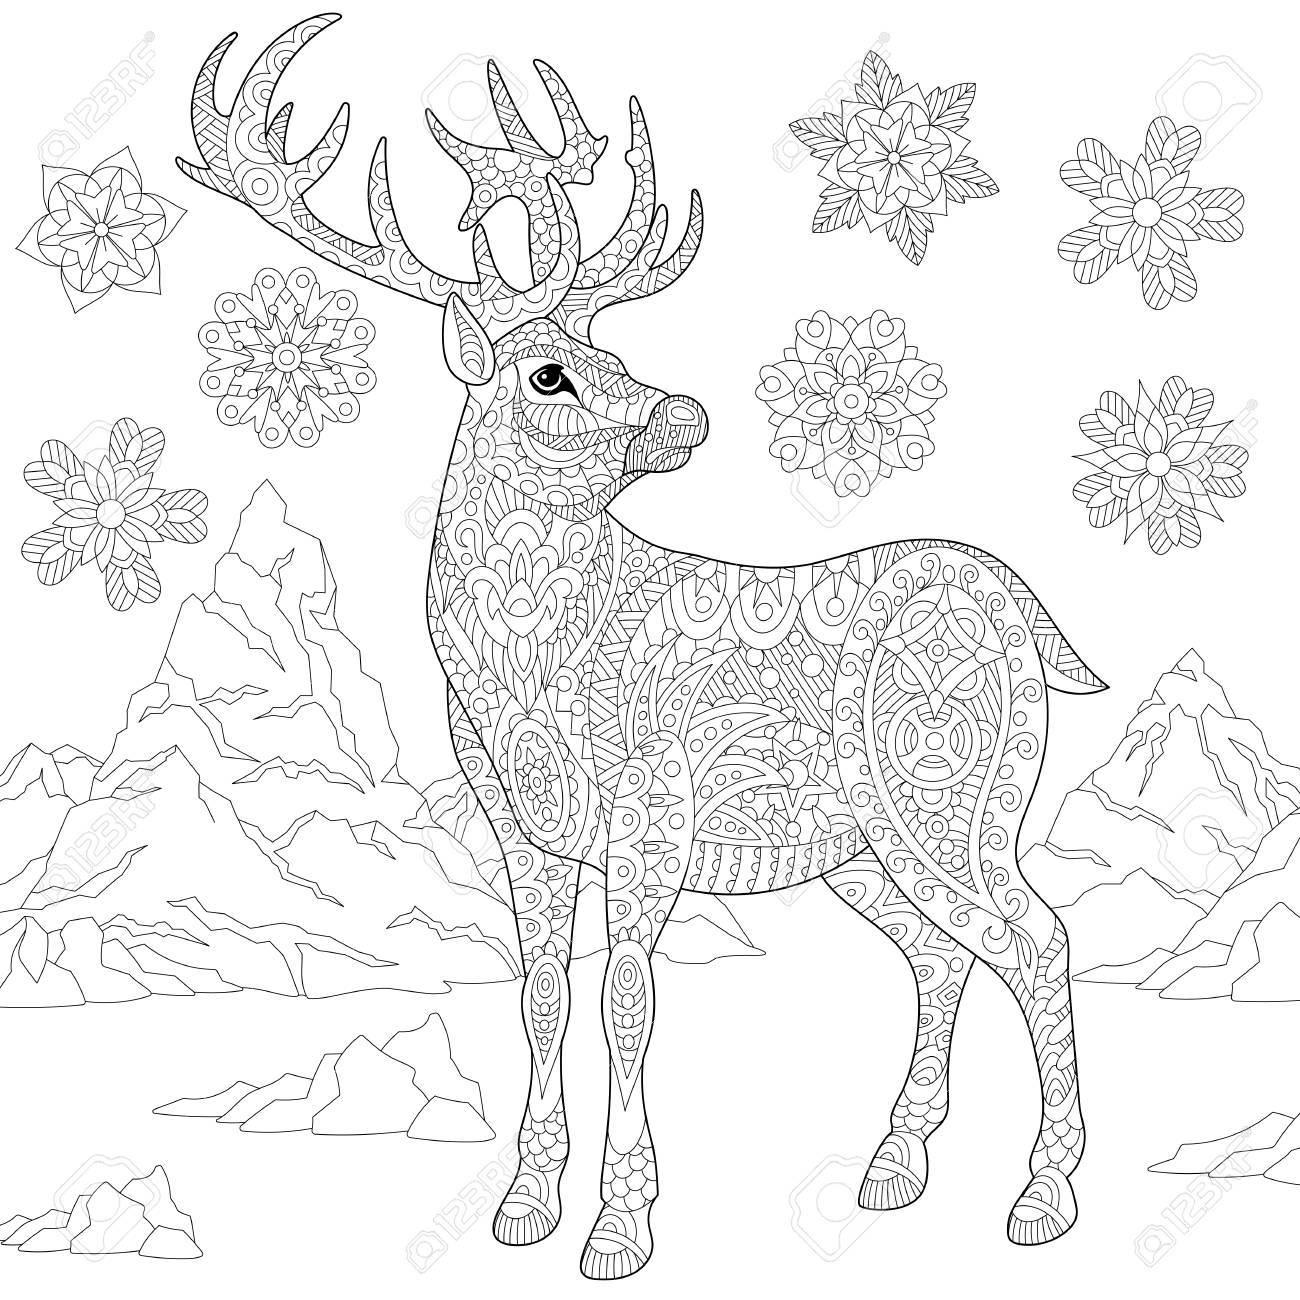 Coloriage Du Cerf (renne) Et Des Flocons De Neige D'hiver. Croquis